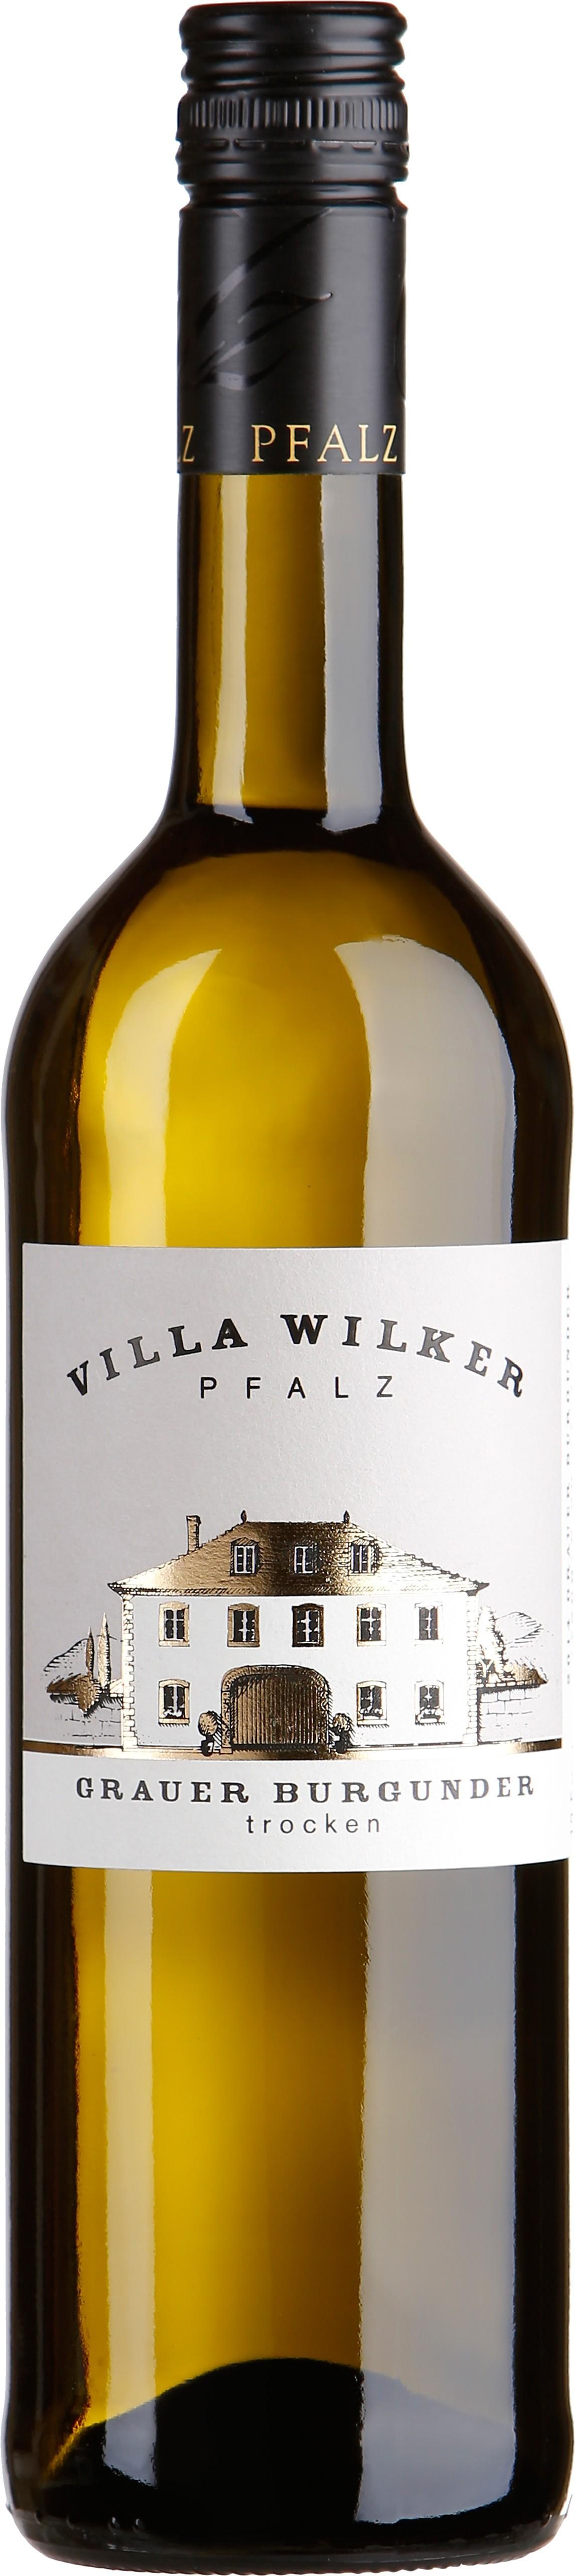 villa wilker - grauer burgunder trocken 0.75 l